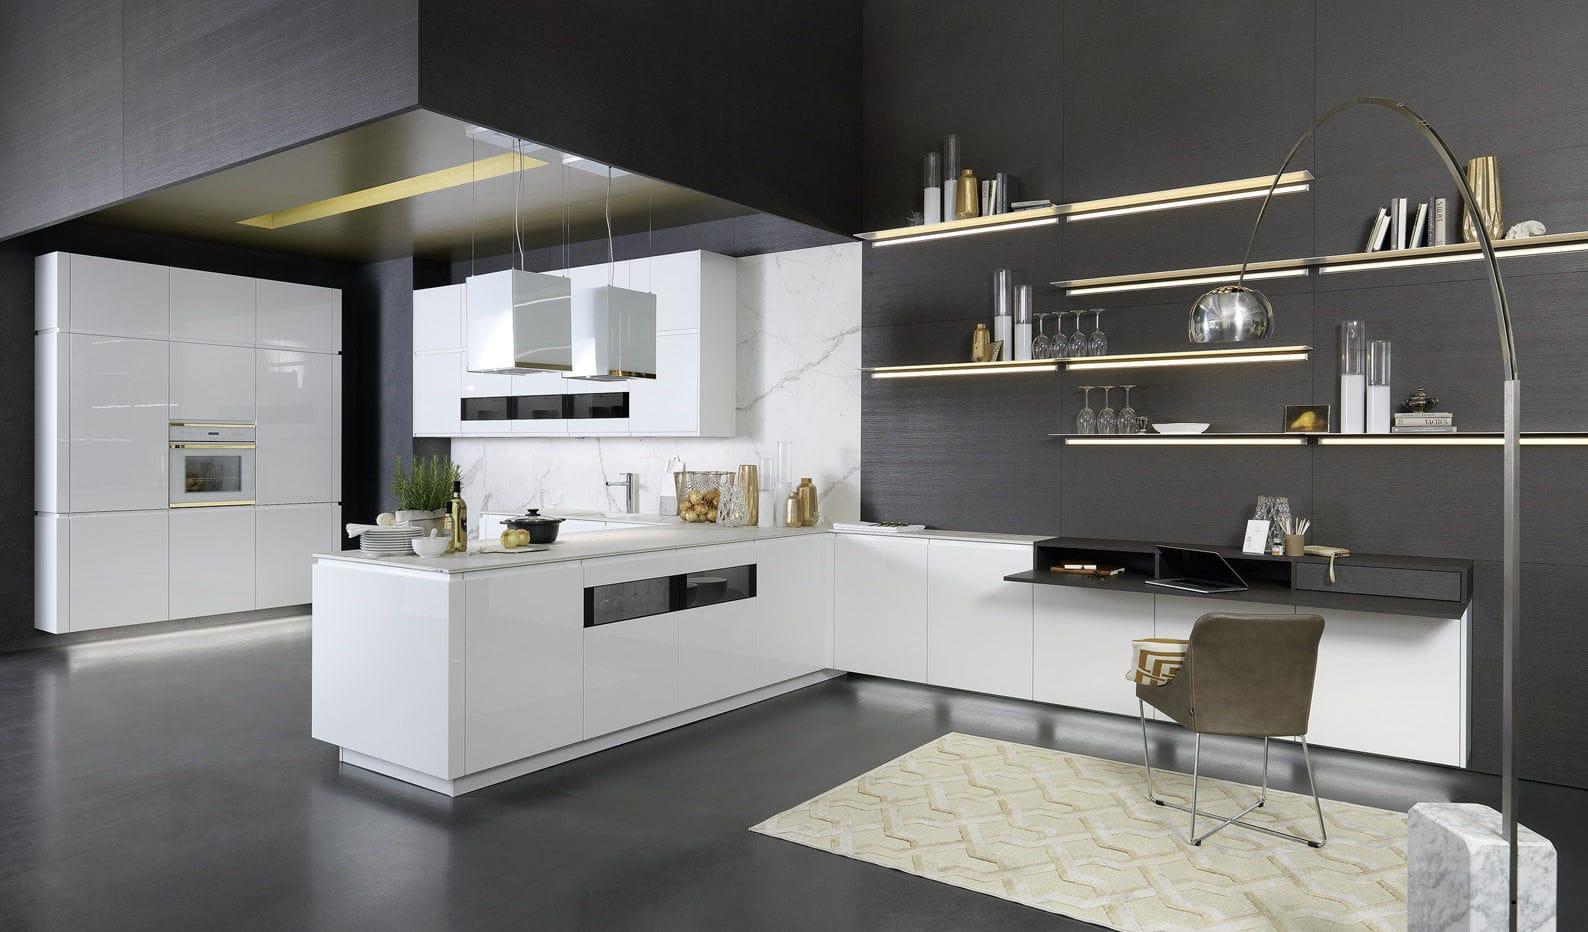 Cocina contemporánea - SOLO - rational einbaukuechen - de chapa de